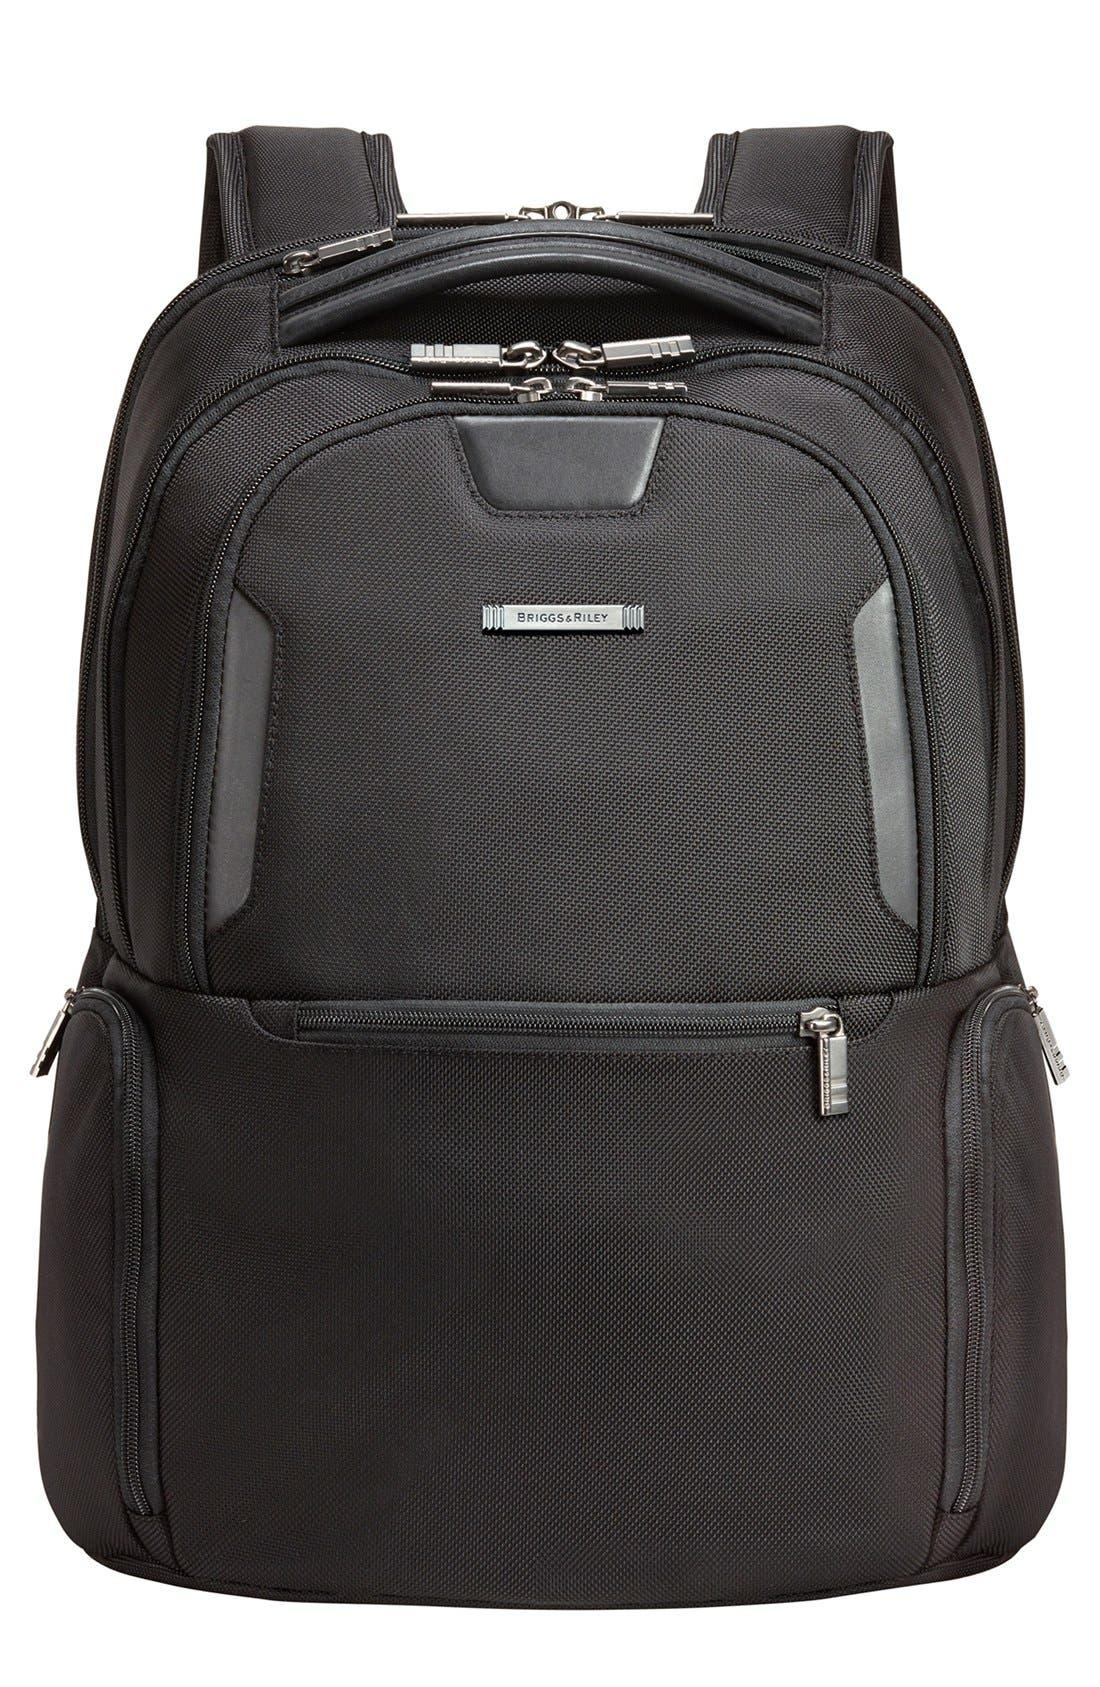 Briggs & Riley '@work - Medium' Backpack